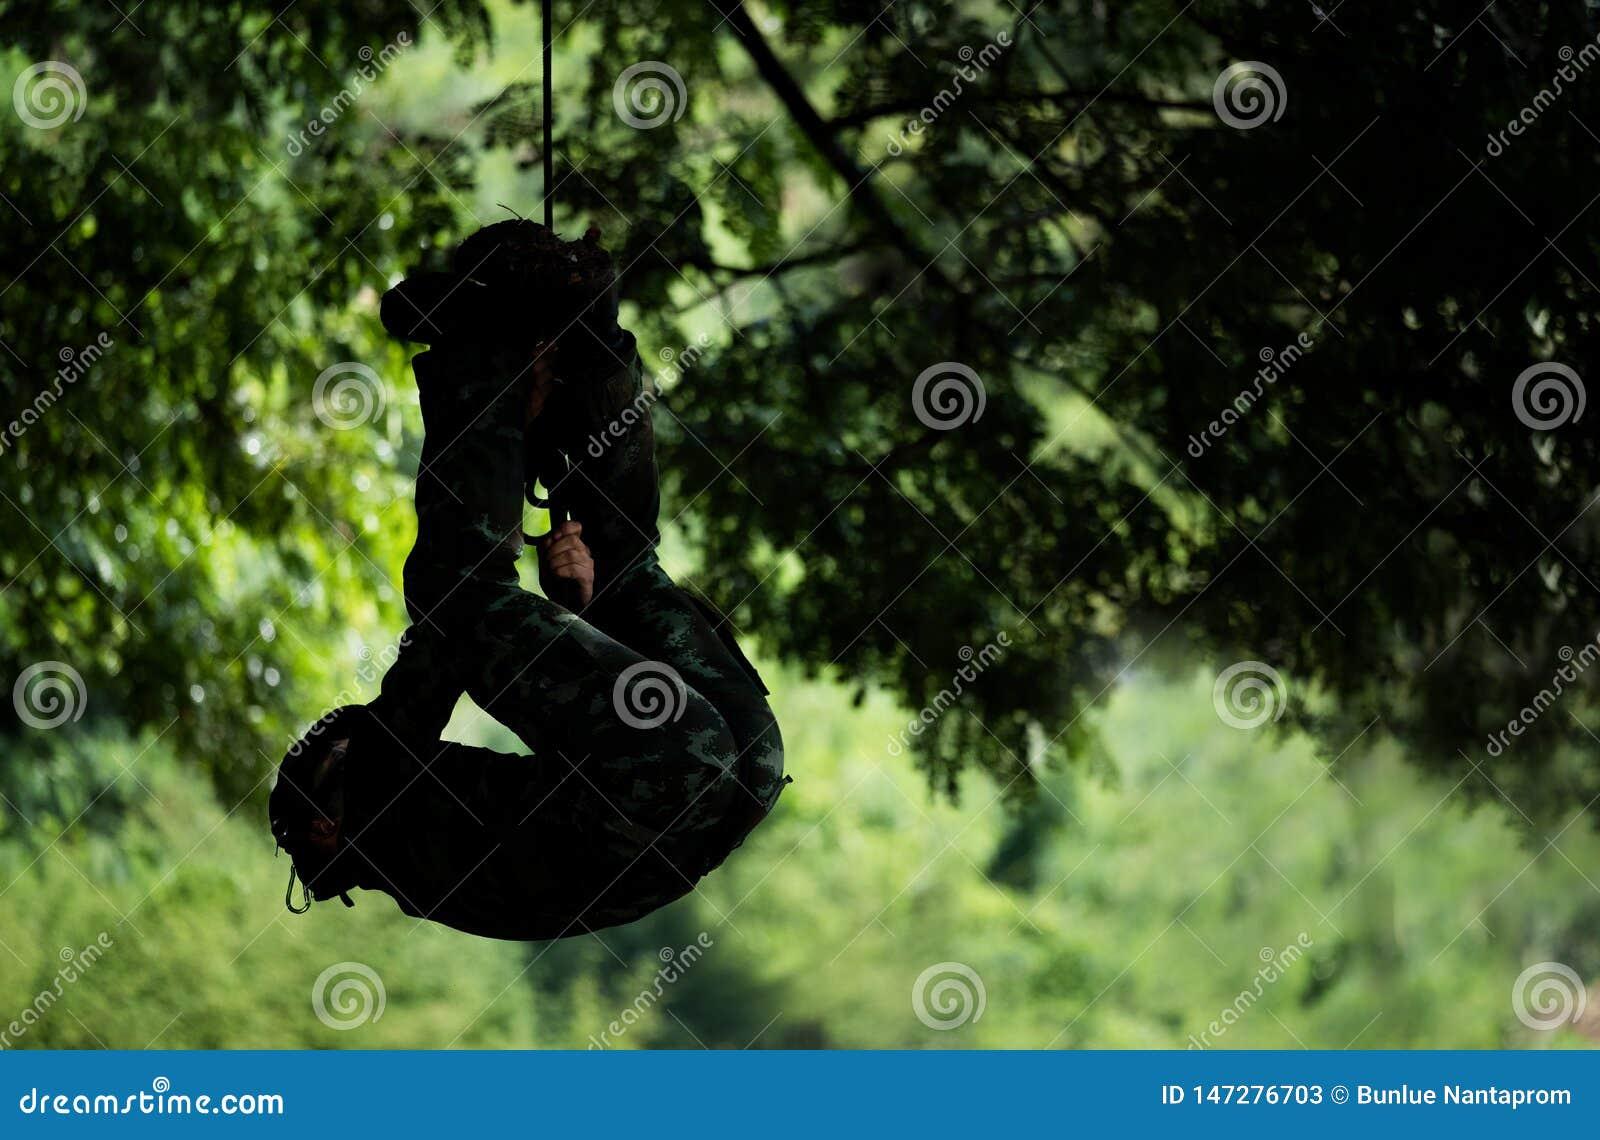 Le soldat rappel vers le bas ou soldat en bas du spiderman de corde